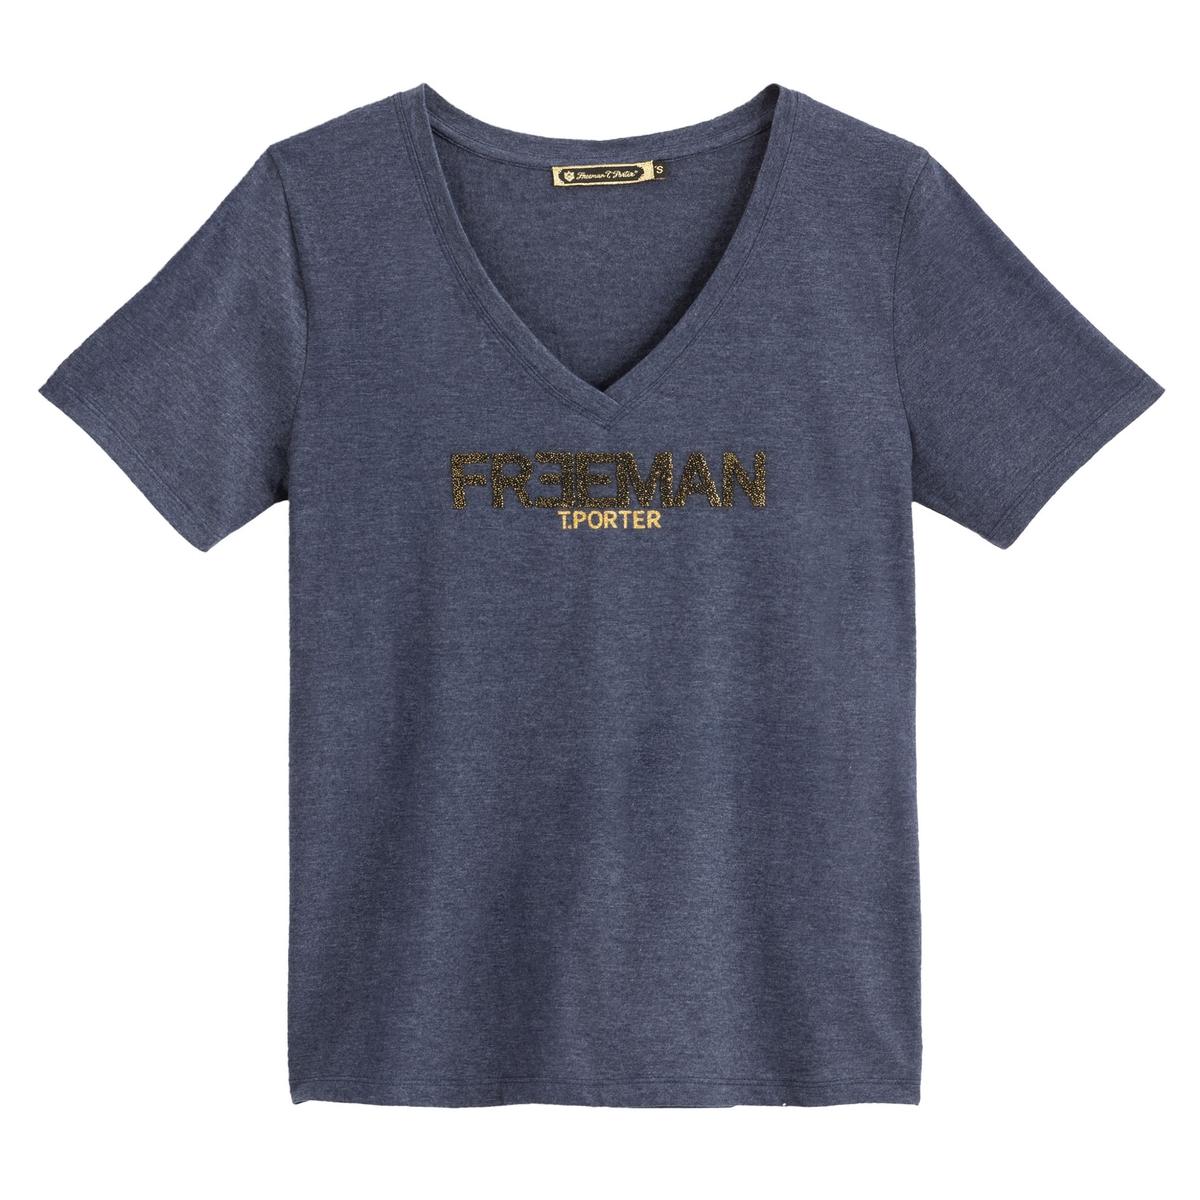 Футболка La Redoute С короткими рукавами V-образным вырезом и логотипом на груди L синий футболка классическая printio смурфы smurfs